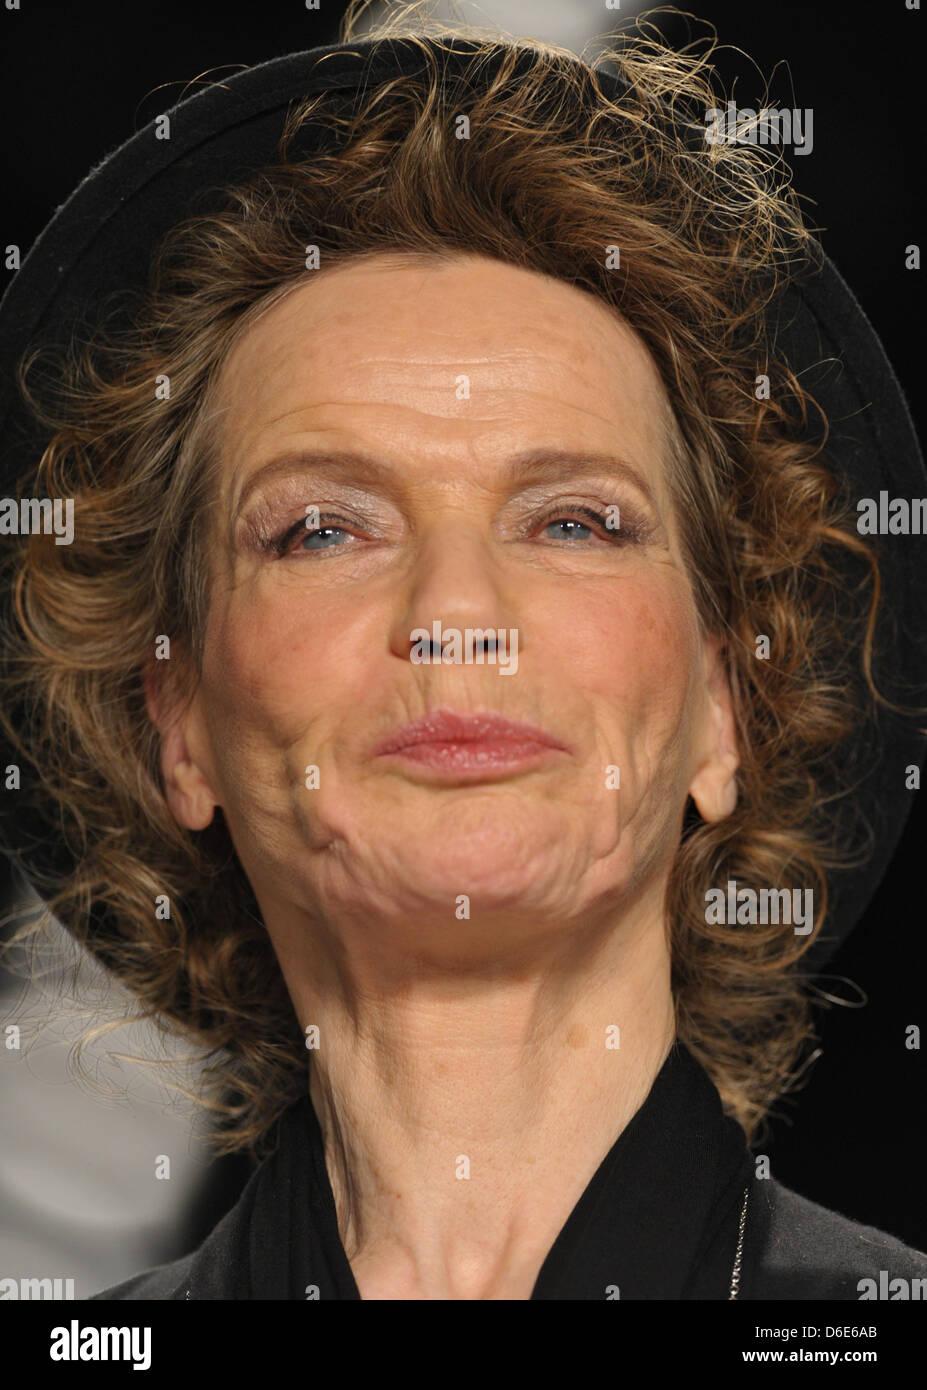 Veruschka Gräfin Von Lehndorff